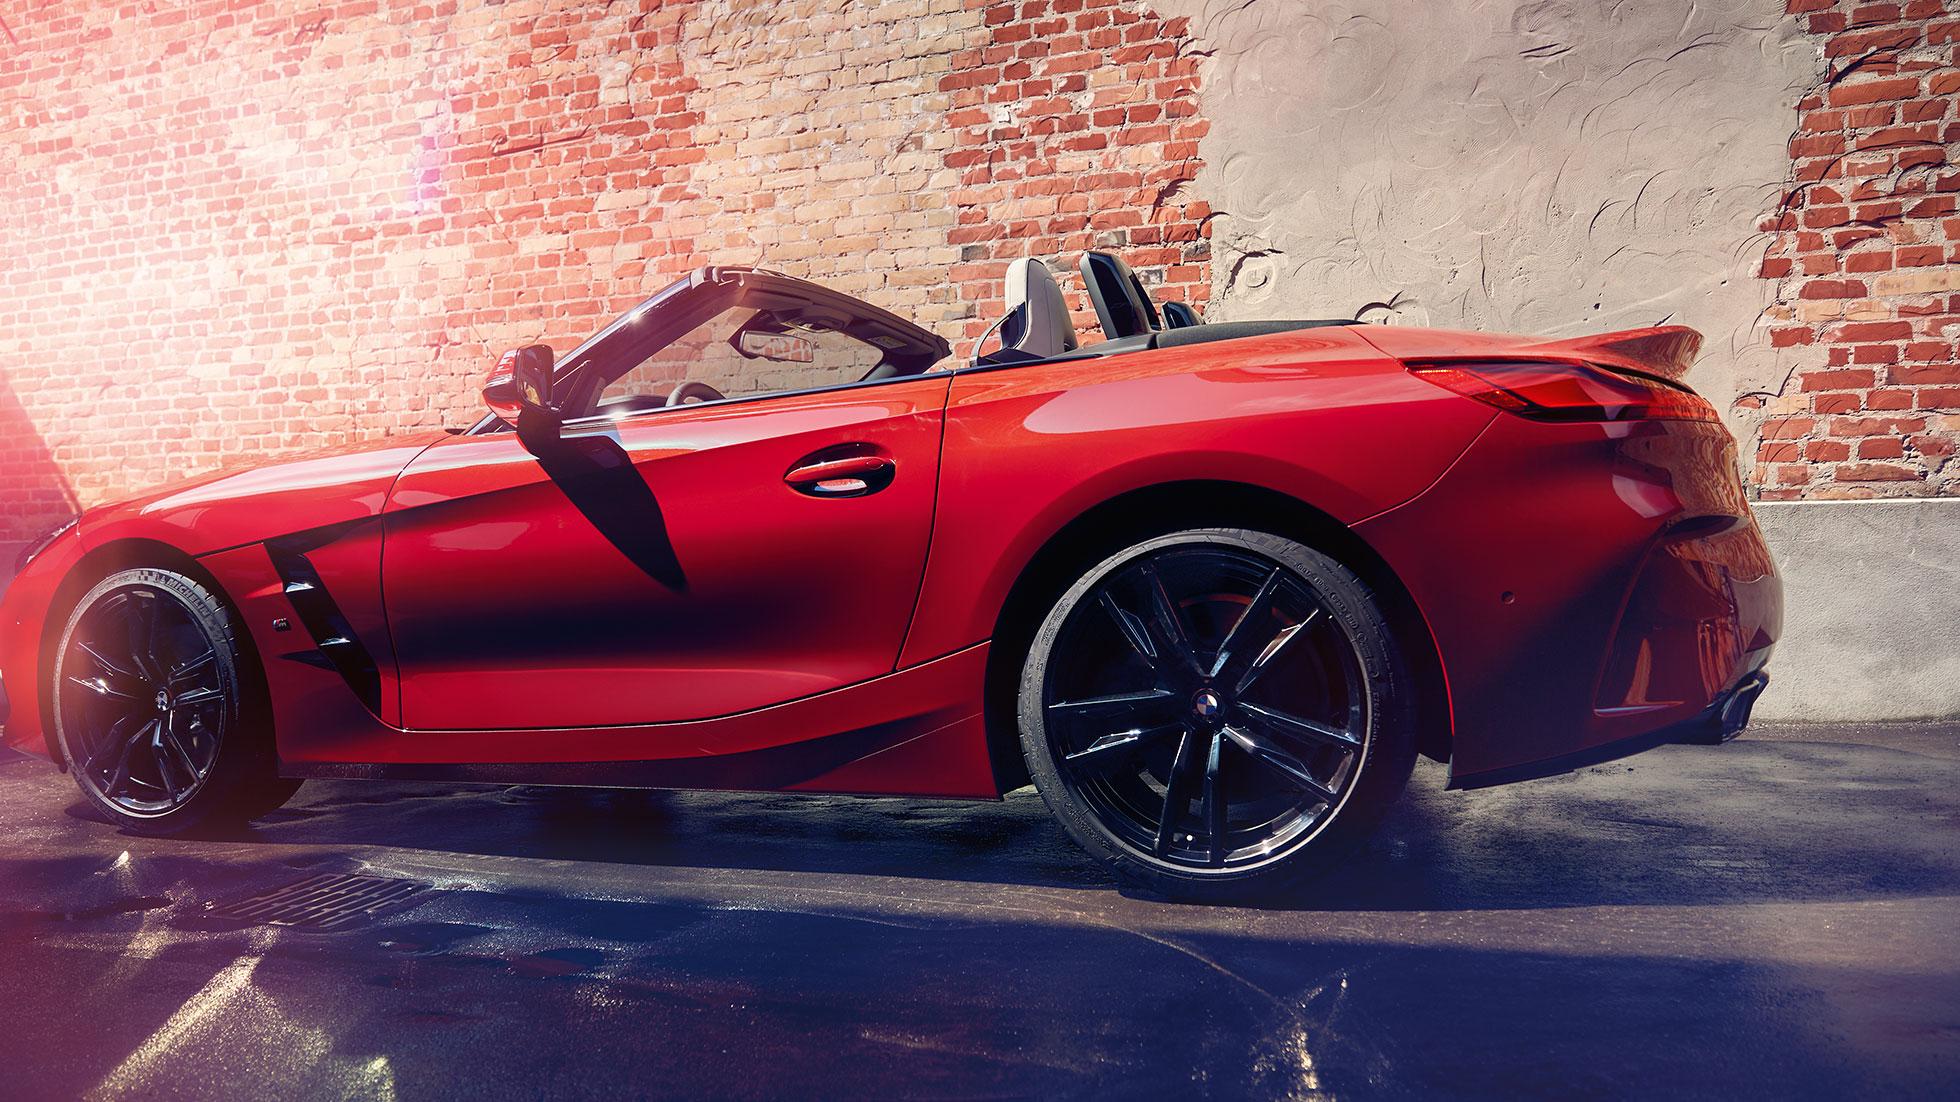 BMW Z4 Roadster, вид сбоку на фоне кирпичной стены